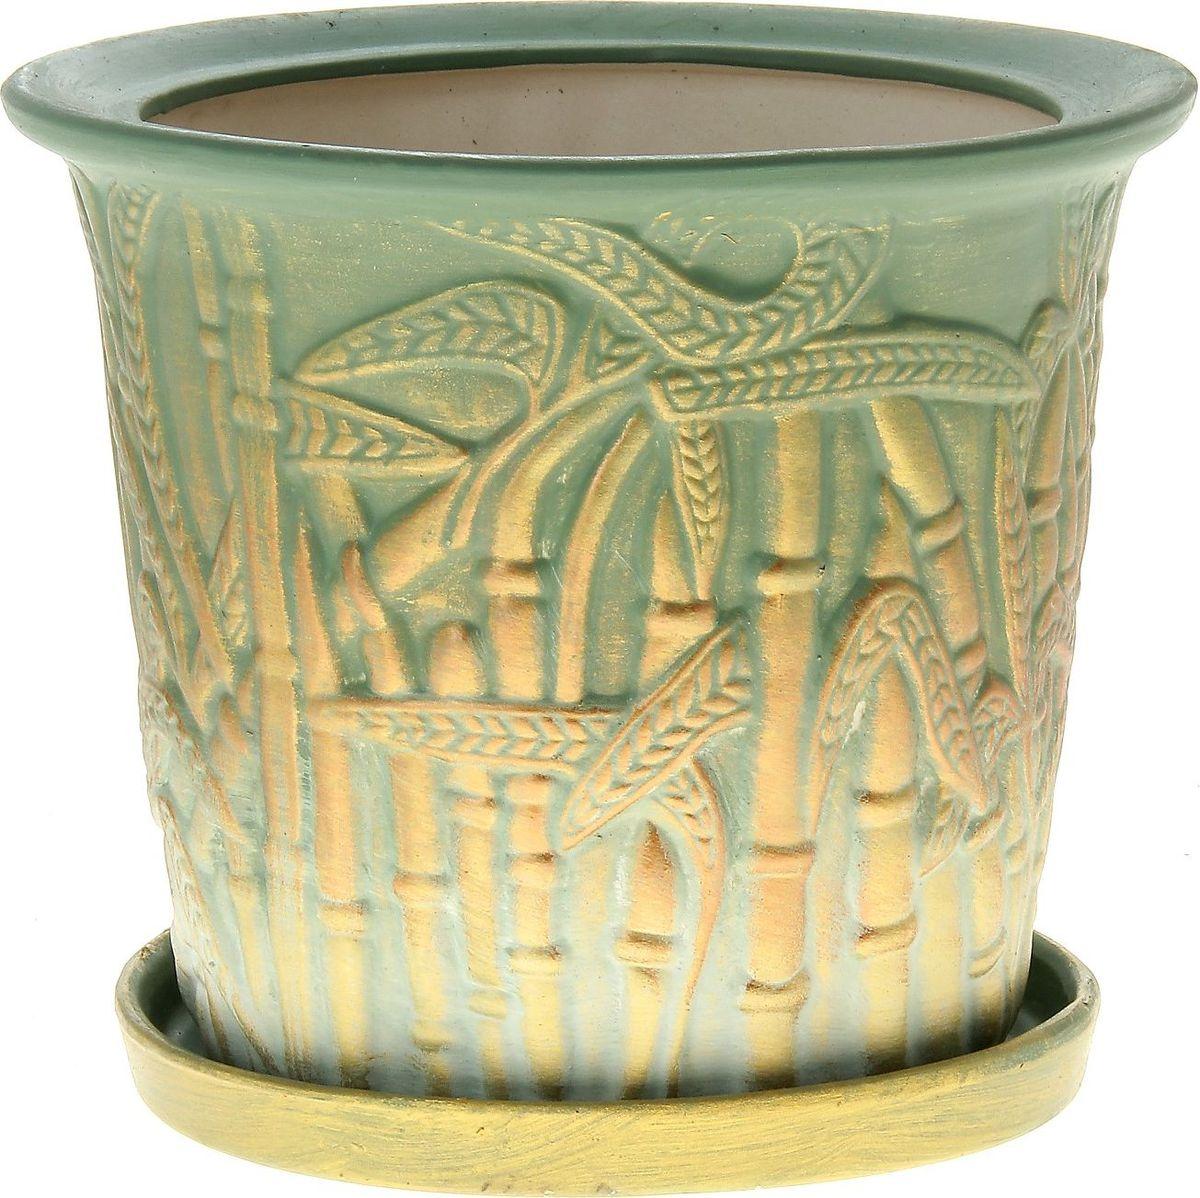 Кашпо Керамика ручной работы Камыш, цвет: зеленый, золотистый, 3 л144196Комнатные растения — всеобщие любимцы. Они радуют глаз, насыщают помещение кислородом и украшают пространство. Каждому из них необходим свой удобный и красивый дом. Кашпо из керамики прекрасно подходят для высадки растений: за счёт пластичности глины и разных способов обработки существует великое множество форм и дизайновпористый материал позволяет испаряться лишней влагевоздух, необходимый для дыхания корней, проникает сквозь керамические стенки! #name# позаботится о зелёном питомце, освежит интерьер и подчеркнёт его стиль.